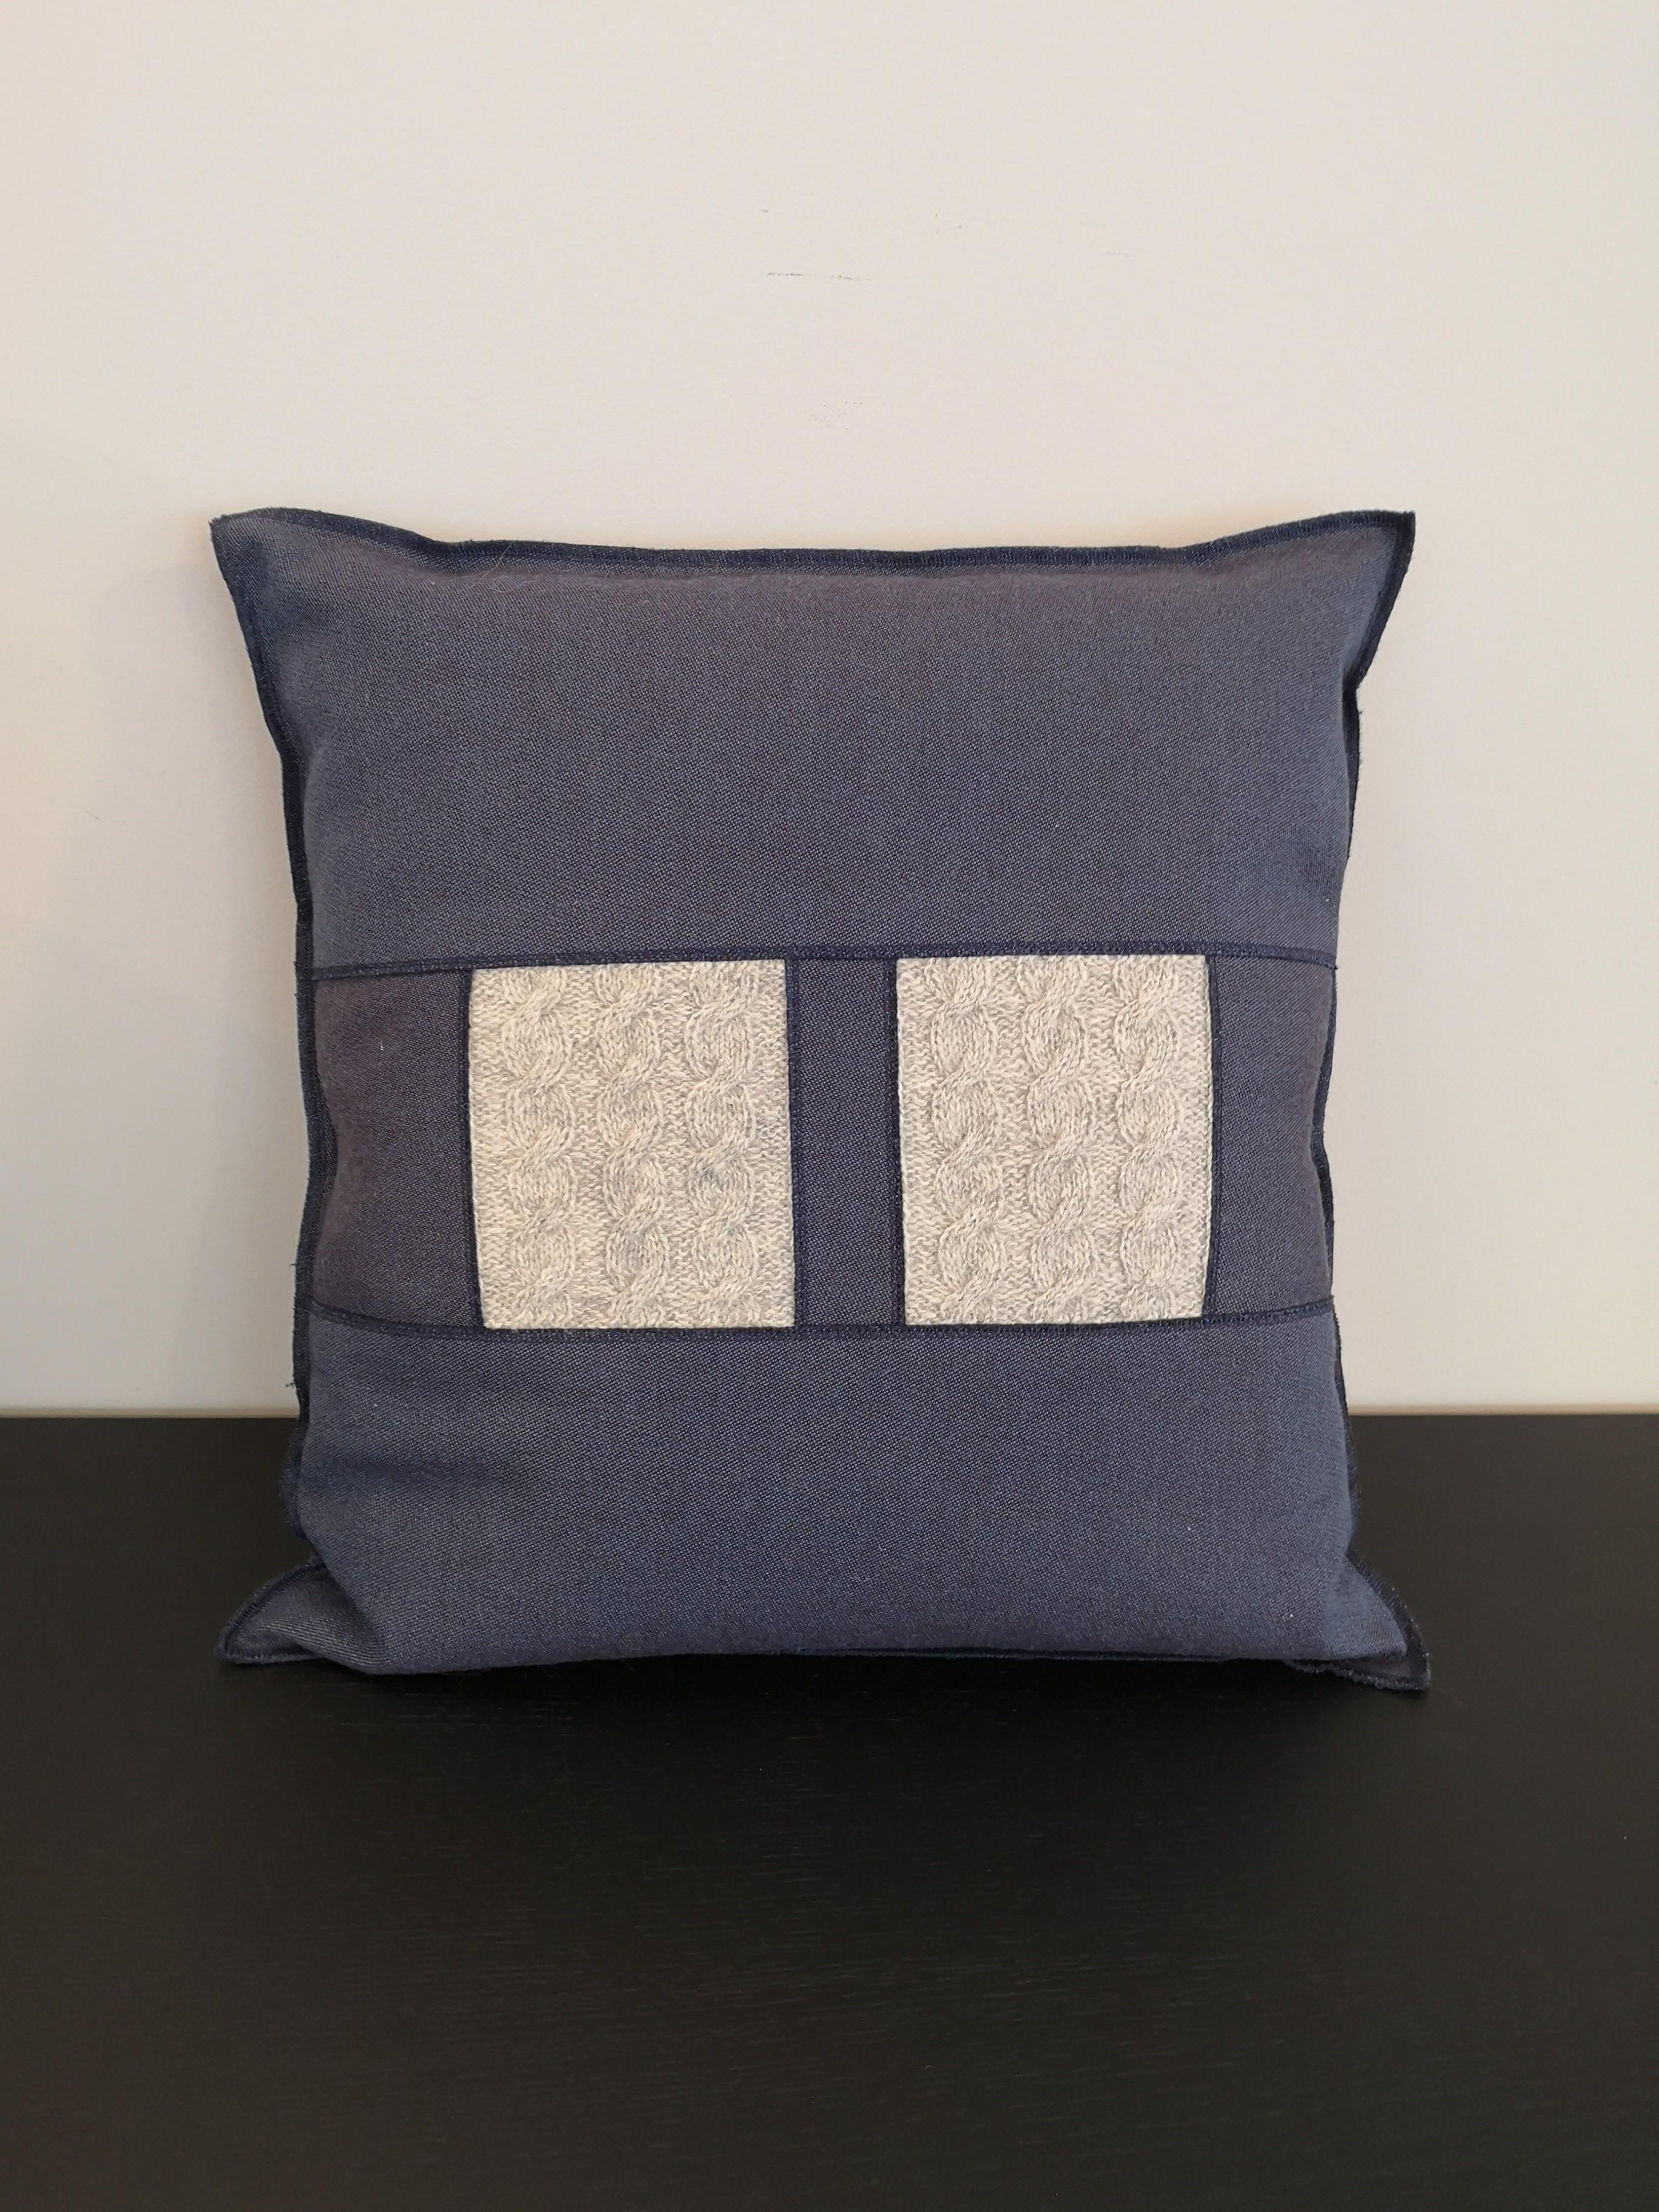 Design-Kissen hergestellt in der Schweiz - Kopieren - Kopieren - Kopieren 01